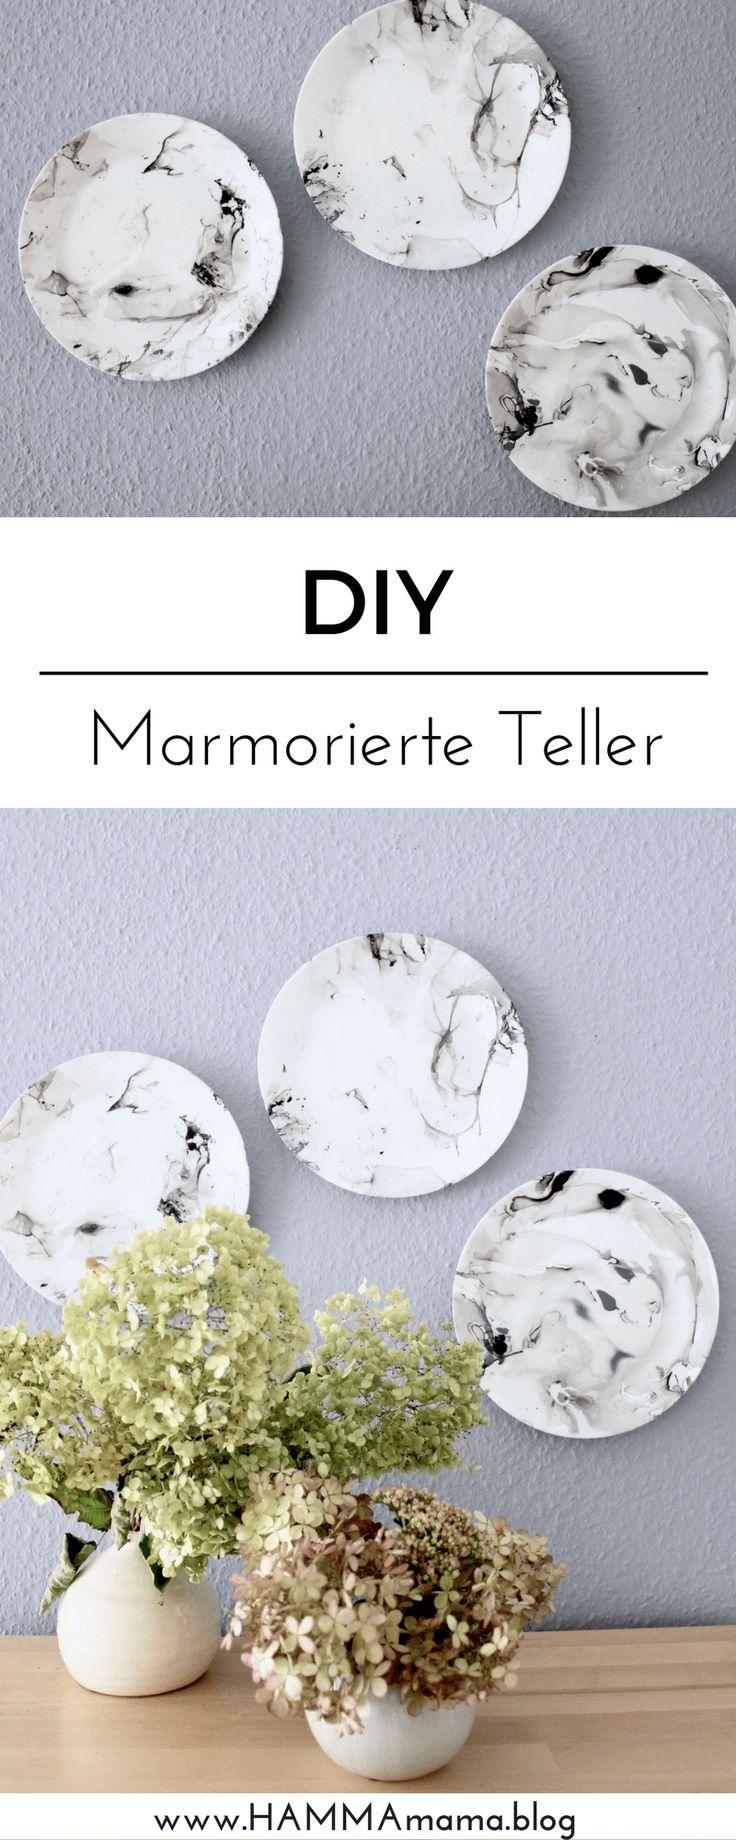 die besten 25 marmorieren ideen auf pinterest diy nagellack nagellack geschenke und marmor. Black Bedroom Furniture Sets. Home Design Ideas